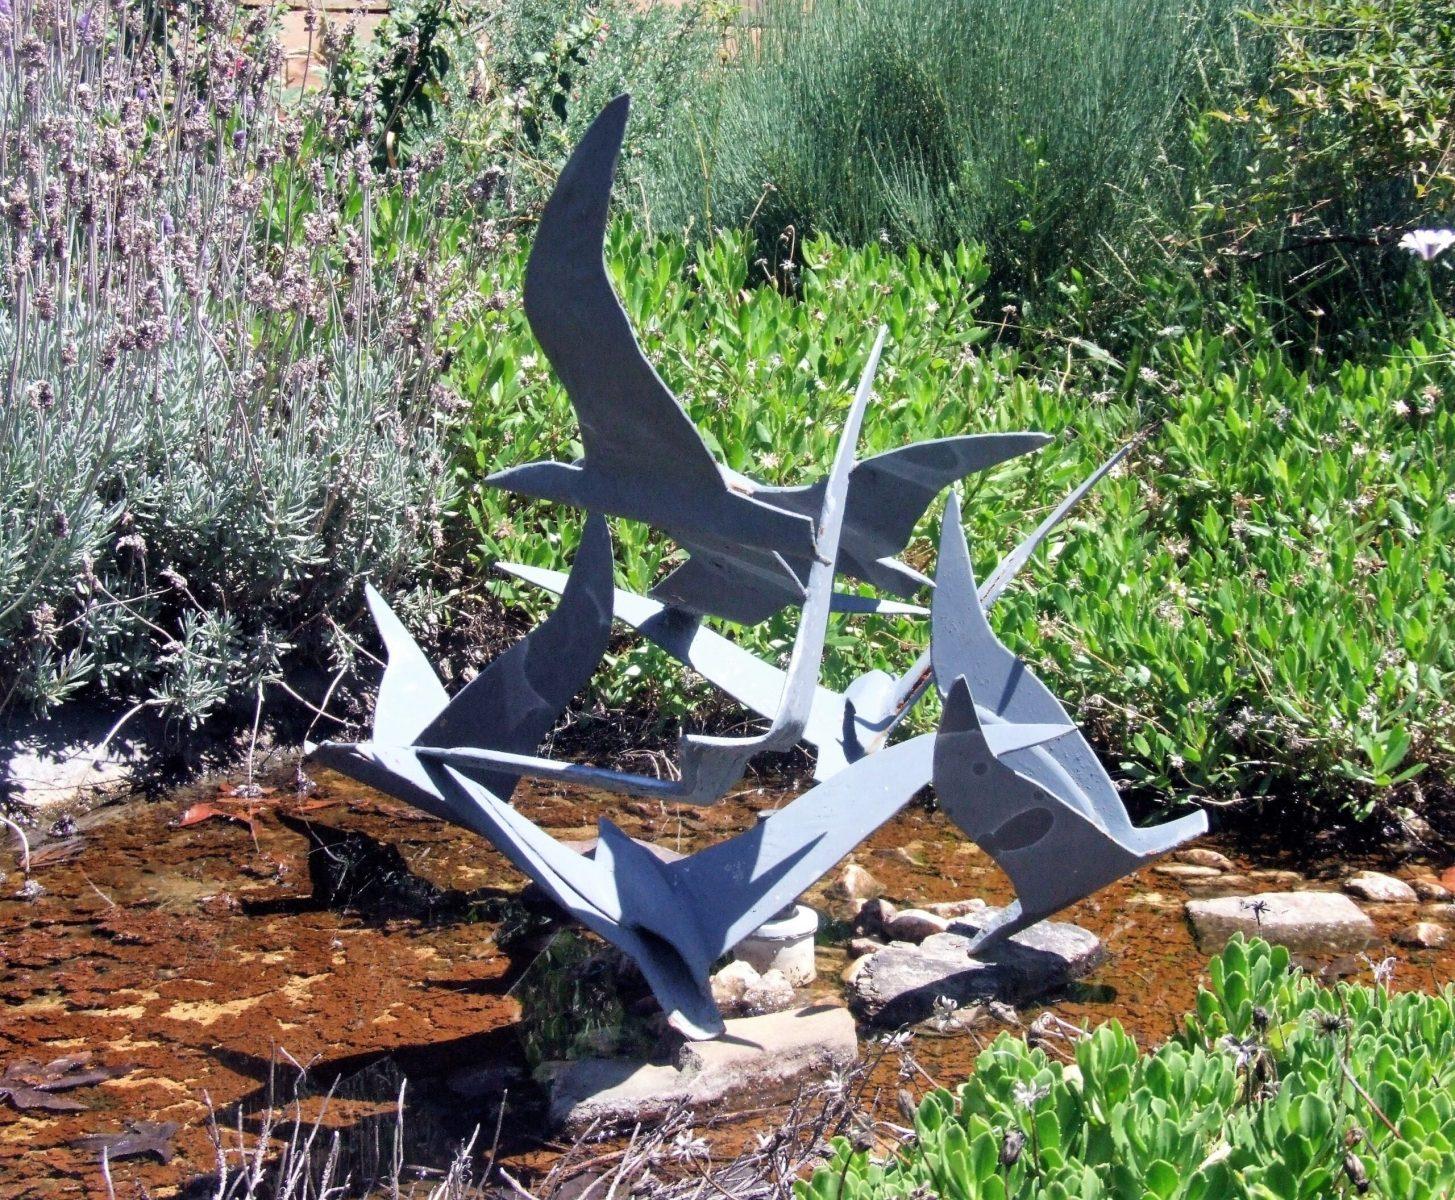 Ray Jones - Seagulls